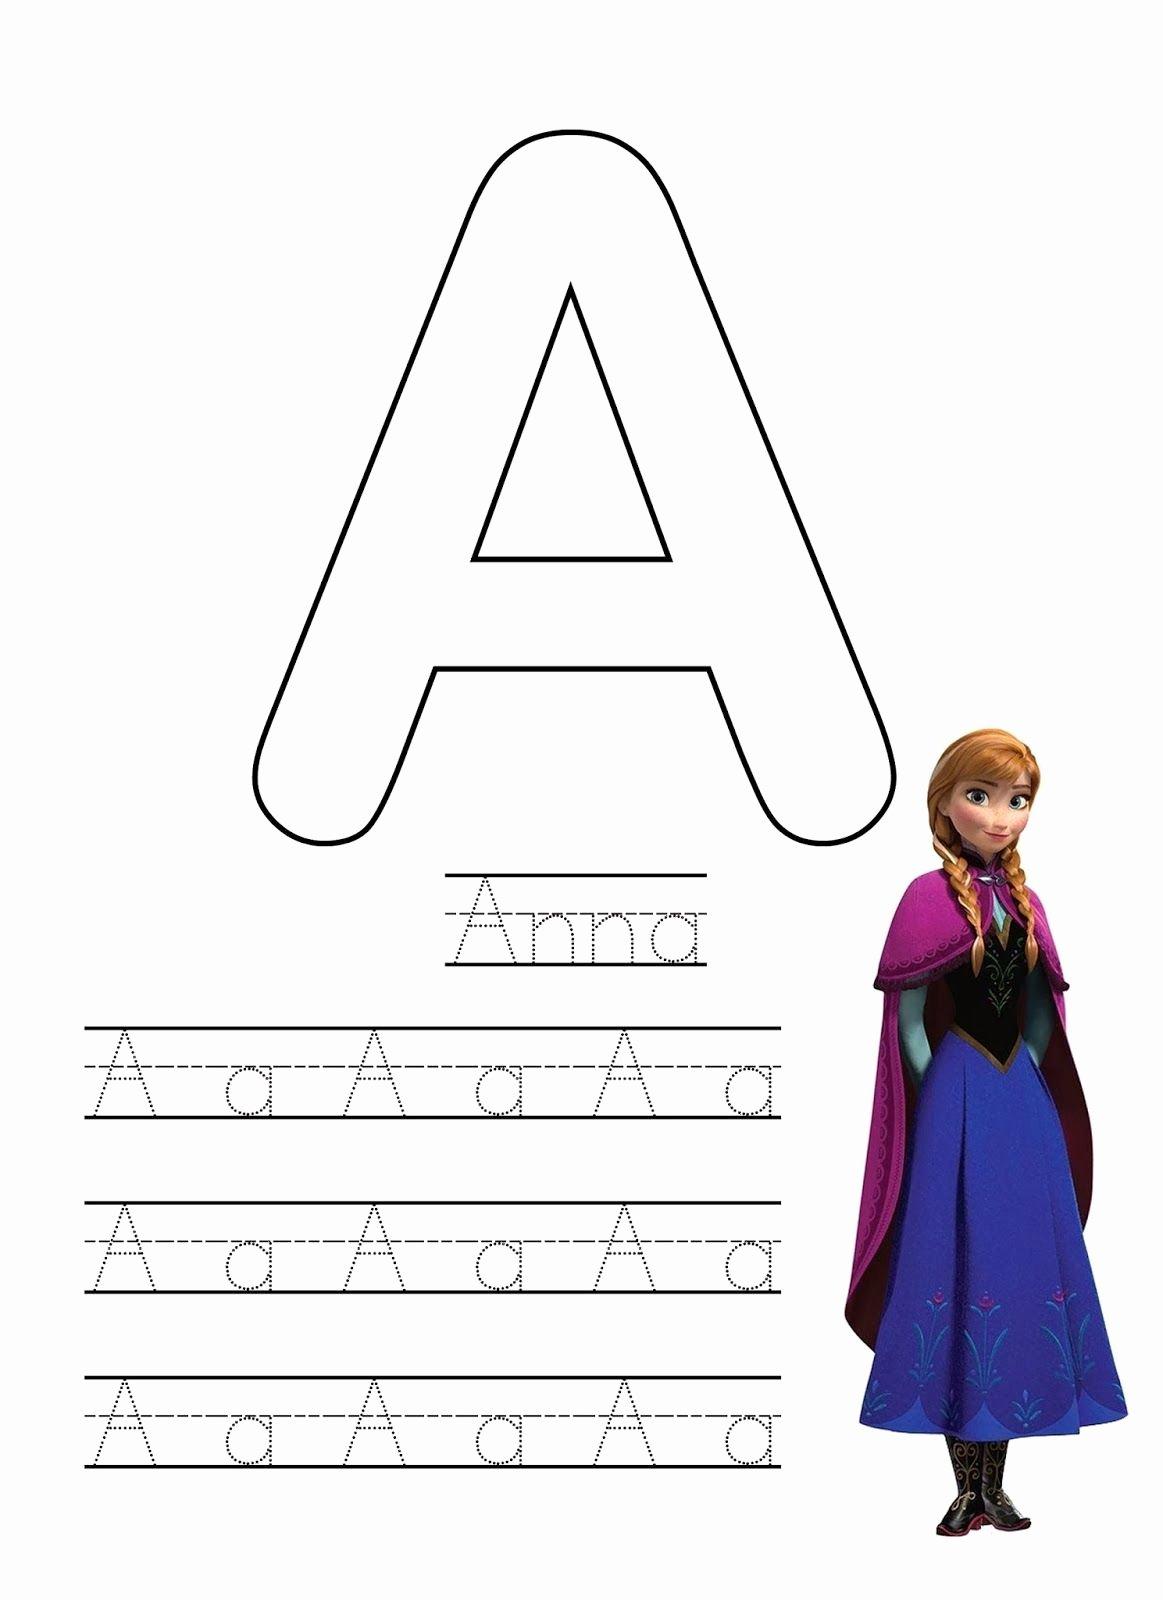 Frozen Worksheets for Preschoolers Printable I Make I Free Frozen Writing Worksheets